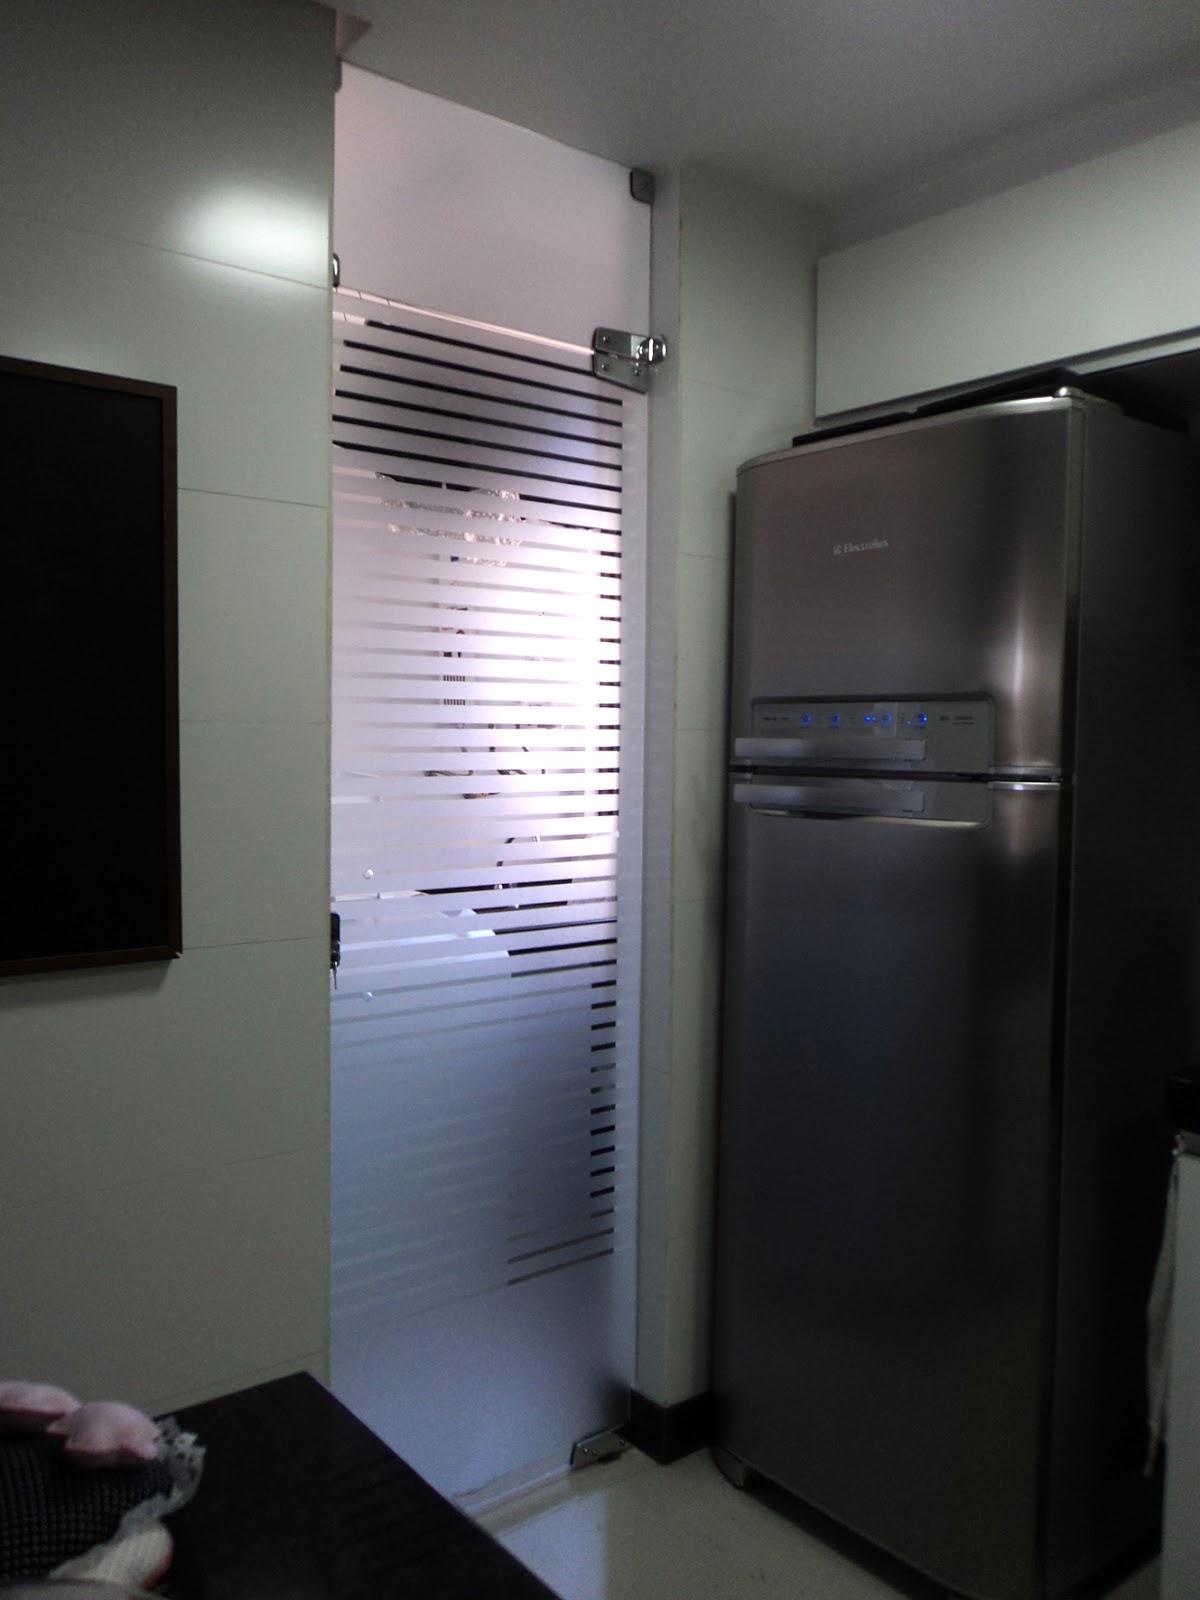 #525779 Porta de Vidro que divide a cozinha da lavanderia com película/jato  1200x1600 px porta para banheiro de vidro jateado